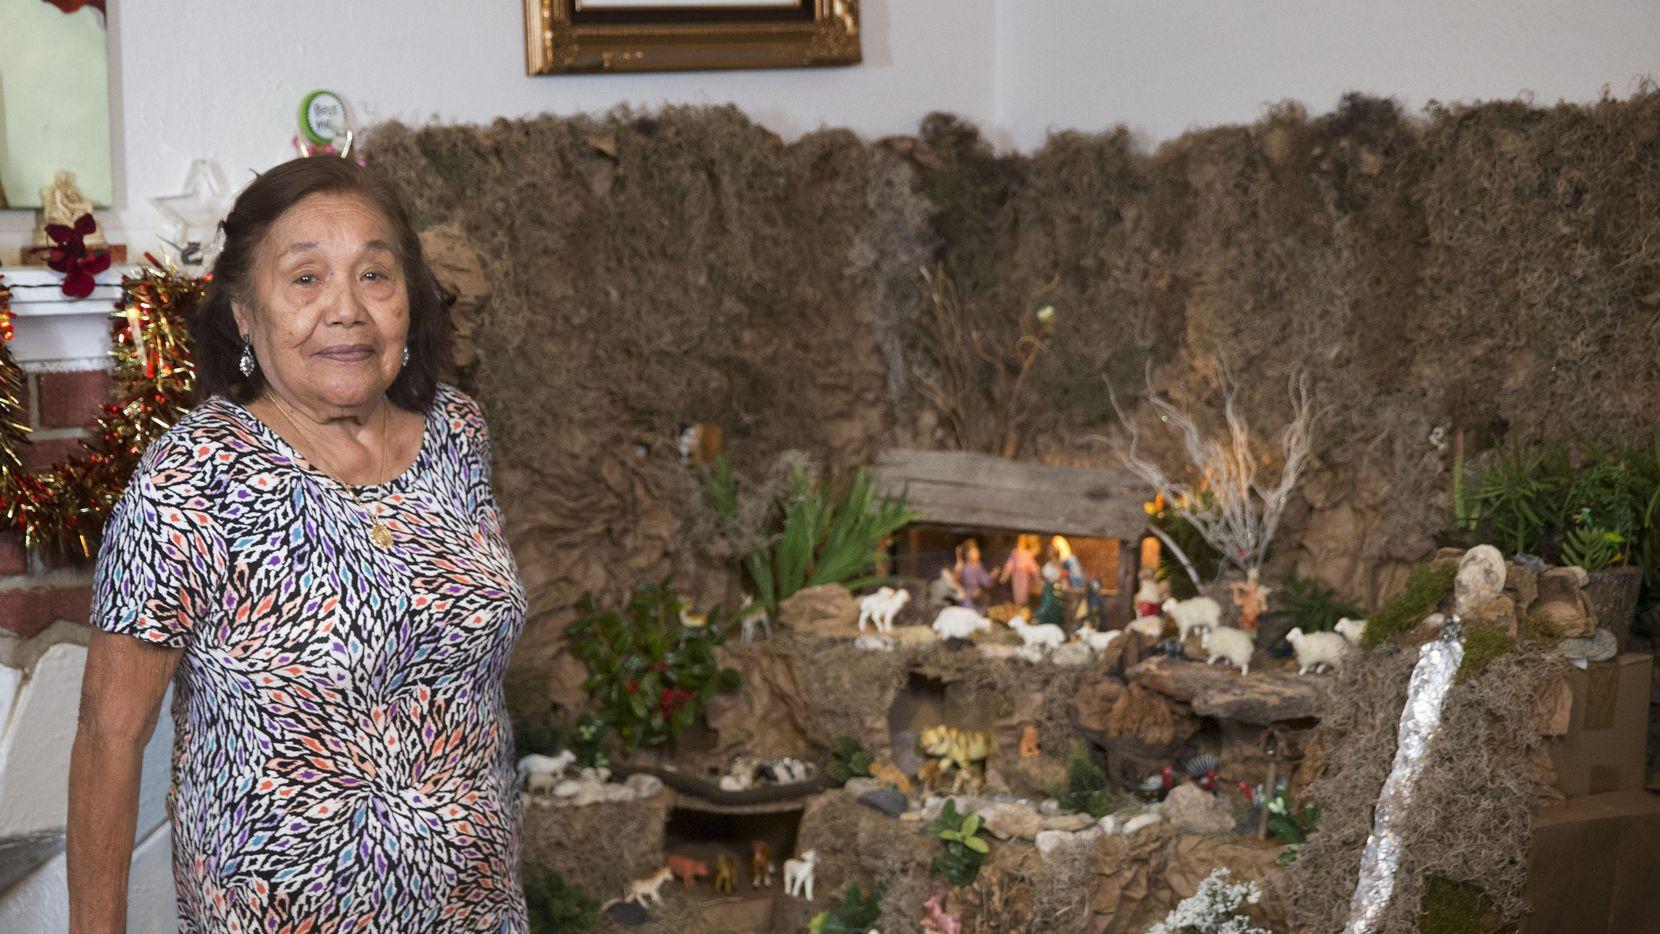 Carmen Meza muestra su nacimiento en su casa en Oak Cliff, una tradición que ha seguido desde 1964. (DMN/DANIEL CARDE)